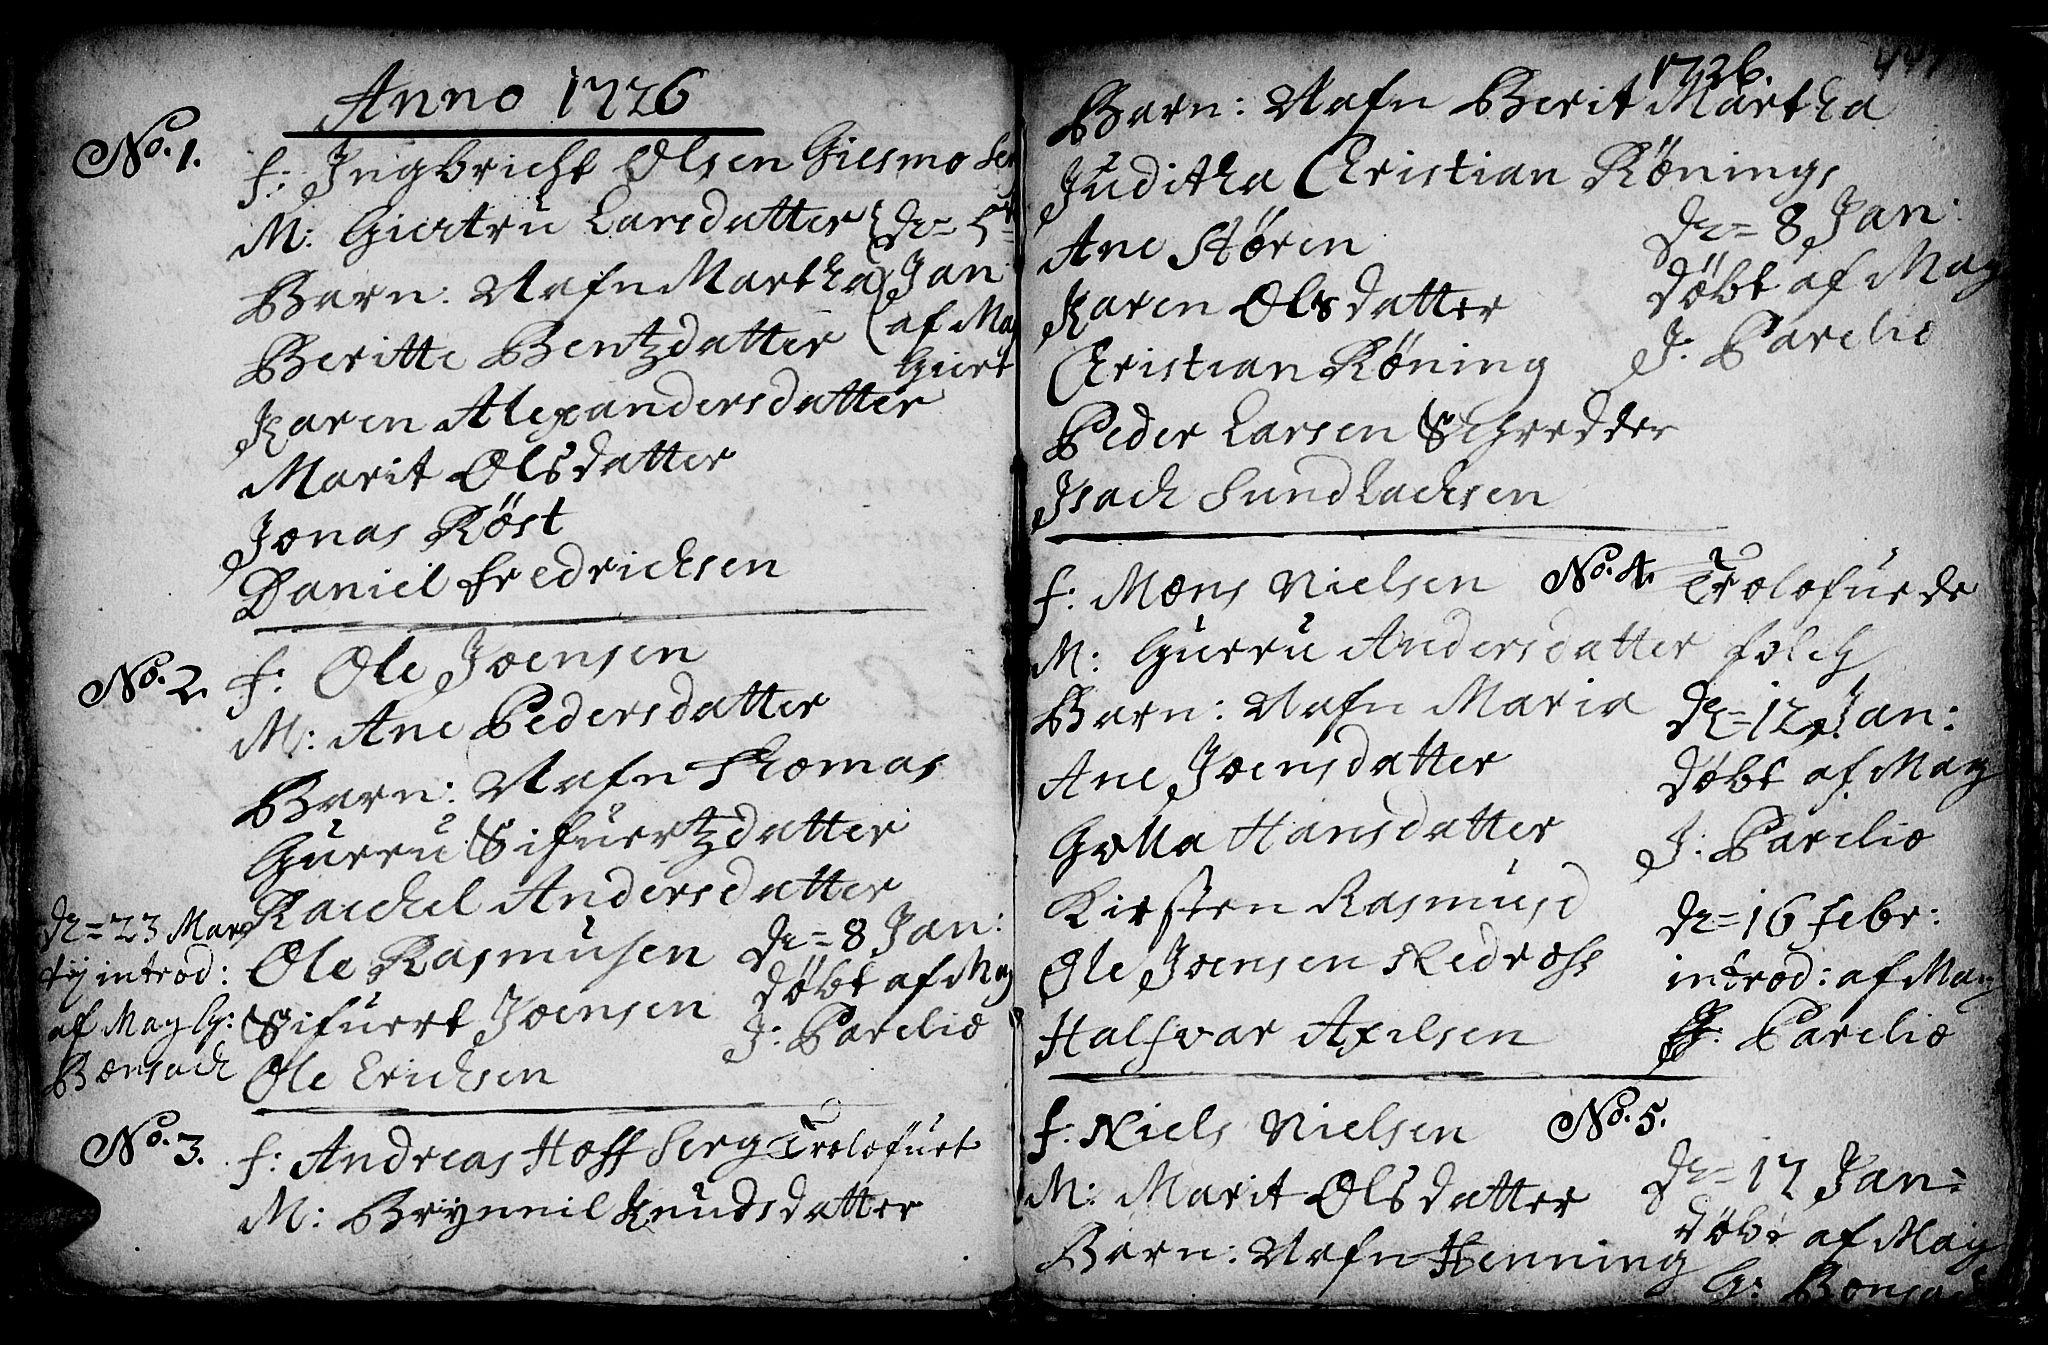 SAT, Ministerialprotokoller, klokkerbøker og fødselsregistre - Sør-Trøndelag, 601/L0035: Ministerialbok nr. 601A03, 1713-1728, s. 447